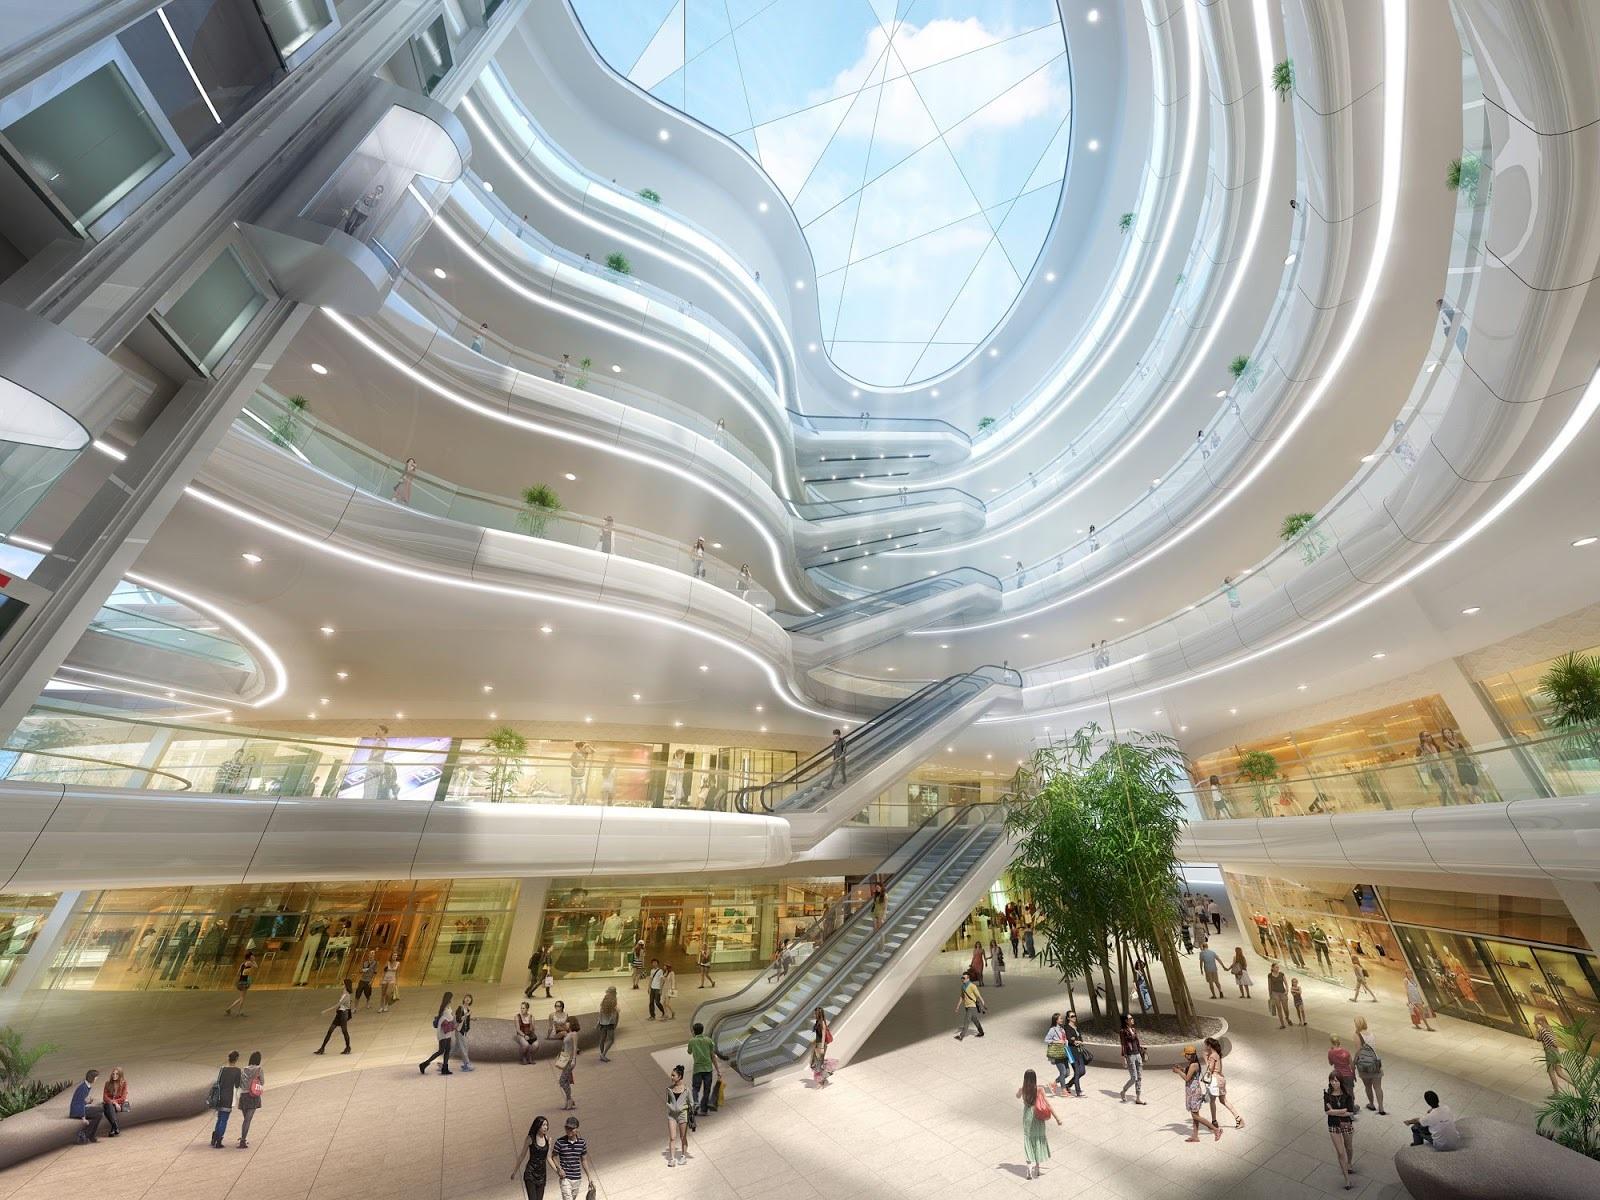 Nổi bật trong đó là khu trung tâm thương mại lớn bậc nhất miền Bắc.